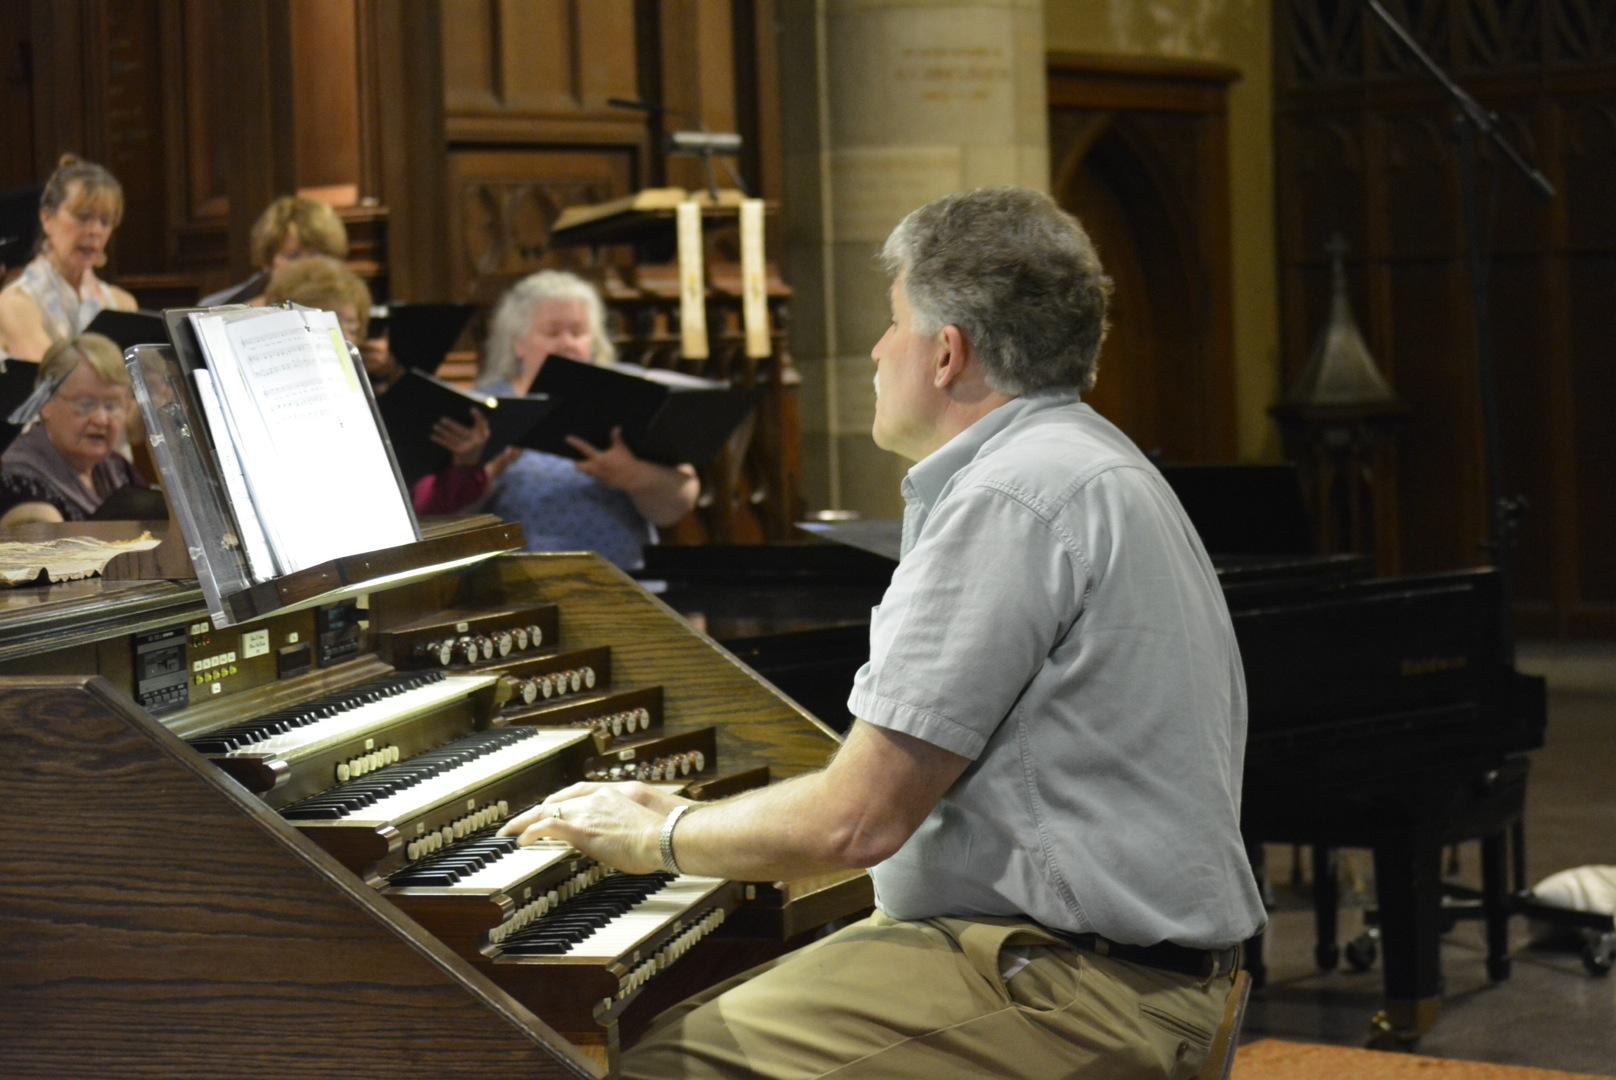 d117f468552b4a9f3f60_Photo_2_-_Maestro_Allen_Artz_at_the_organ.jpg